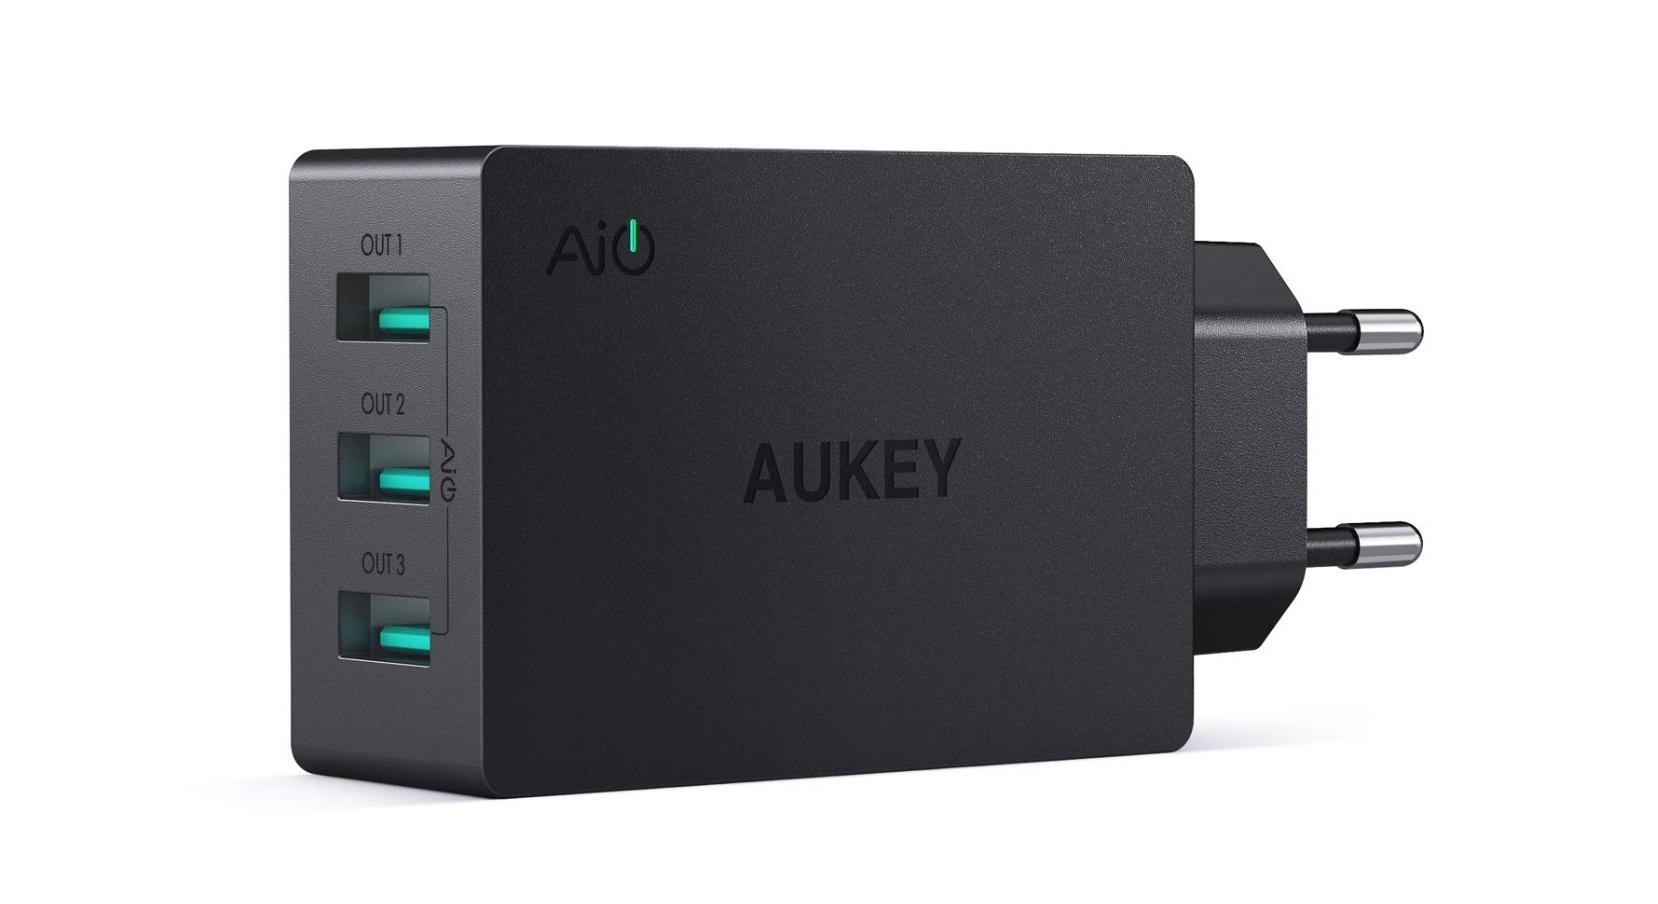 Aukey_cargador_01